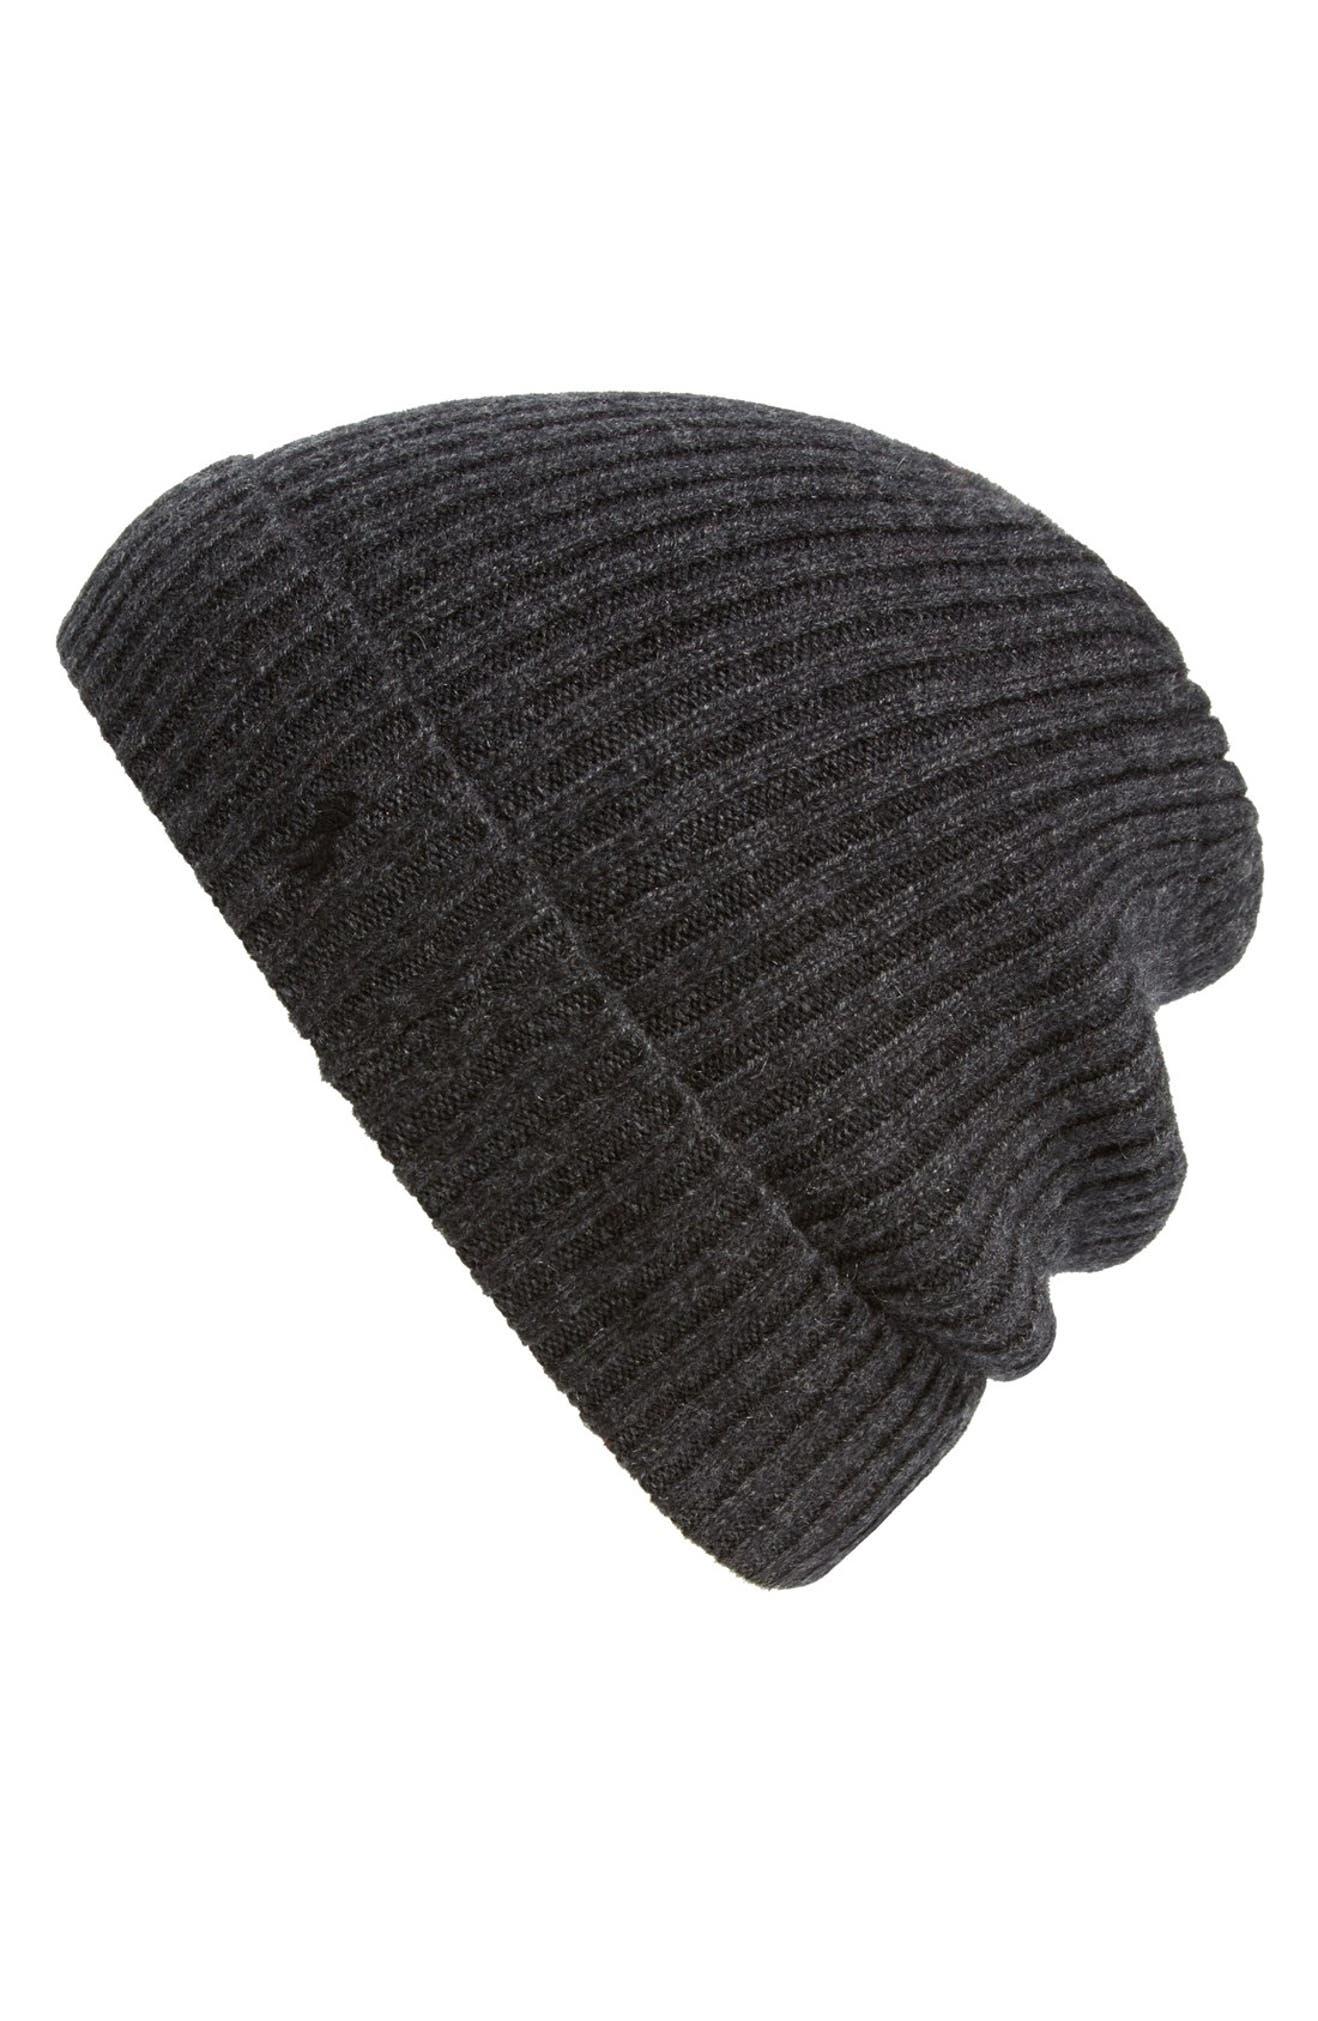 Polo Ralph Lauren Cashmere   Wool Rib Knit Beanie  5a9e26752f10